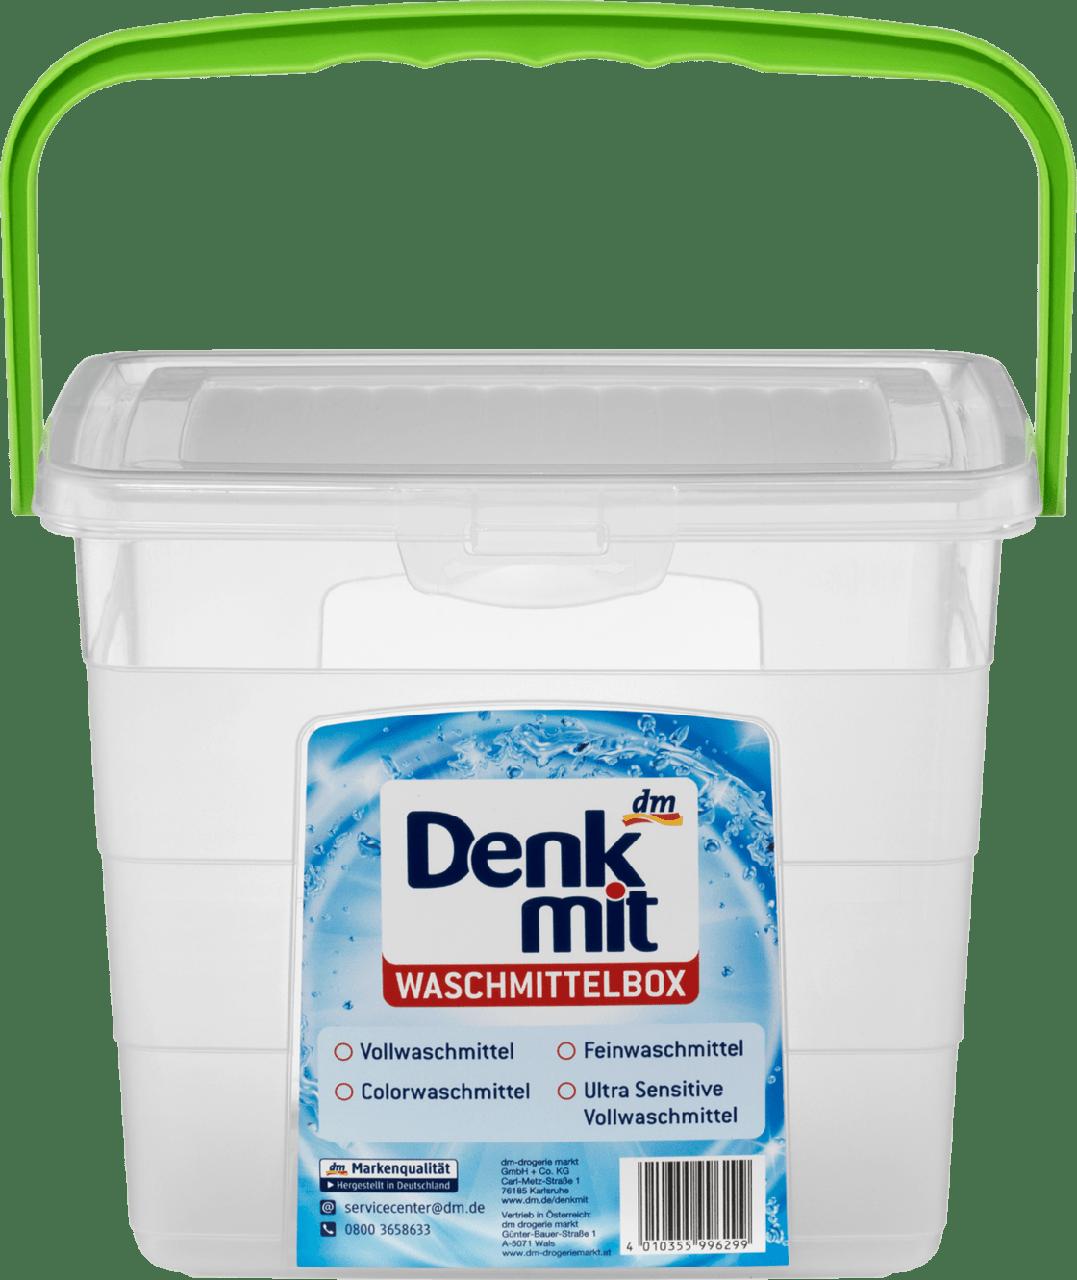 Пластиковый контейнер для стирального порошка Denkmit Waschmittelbox